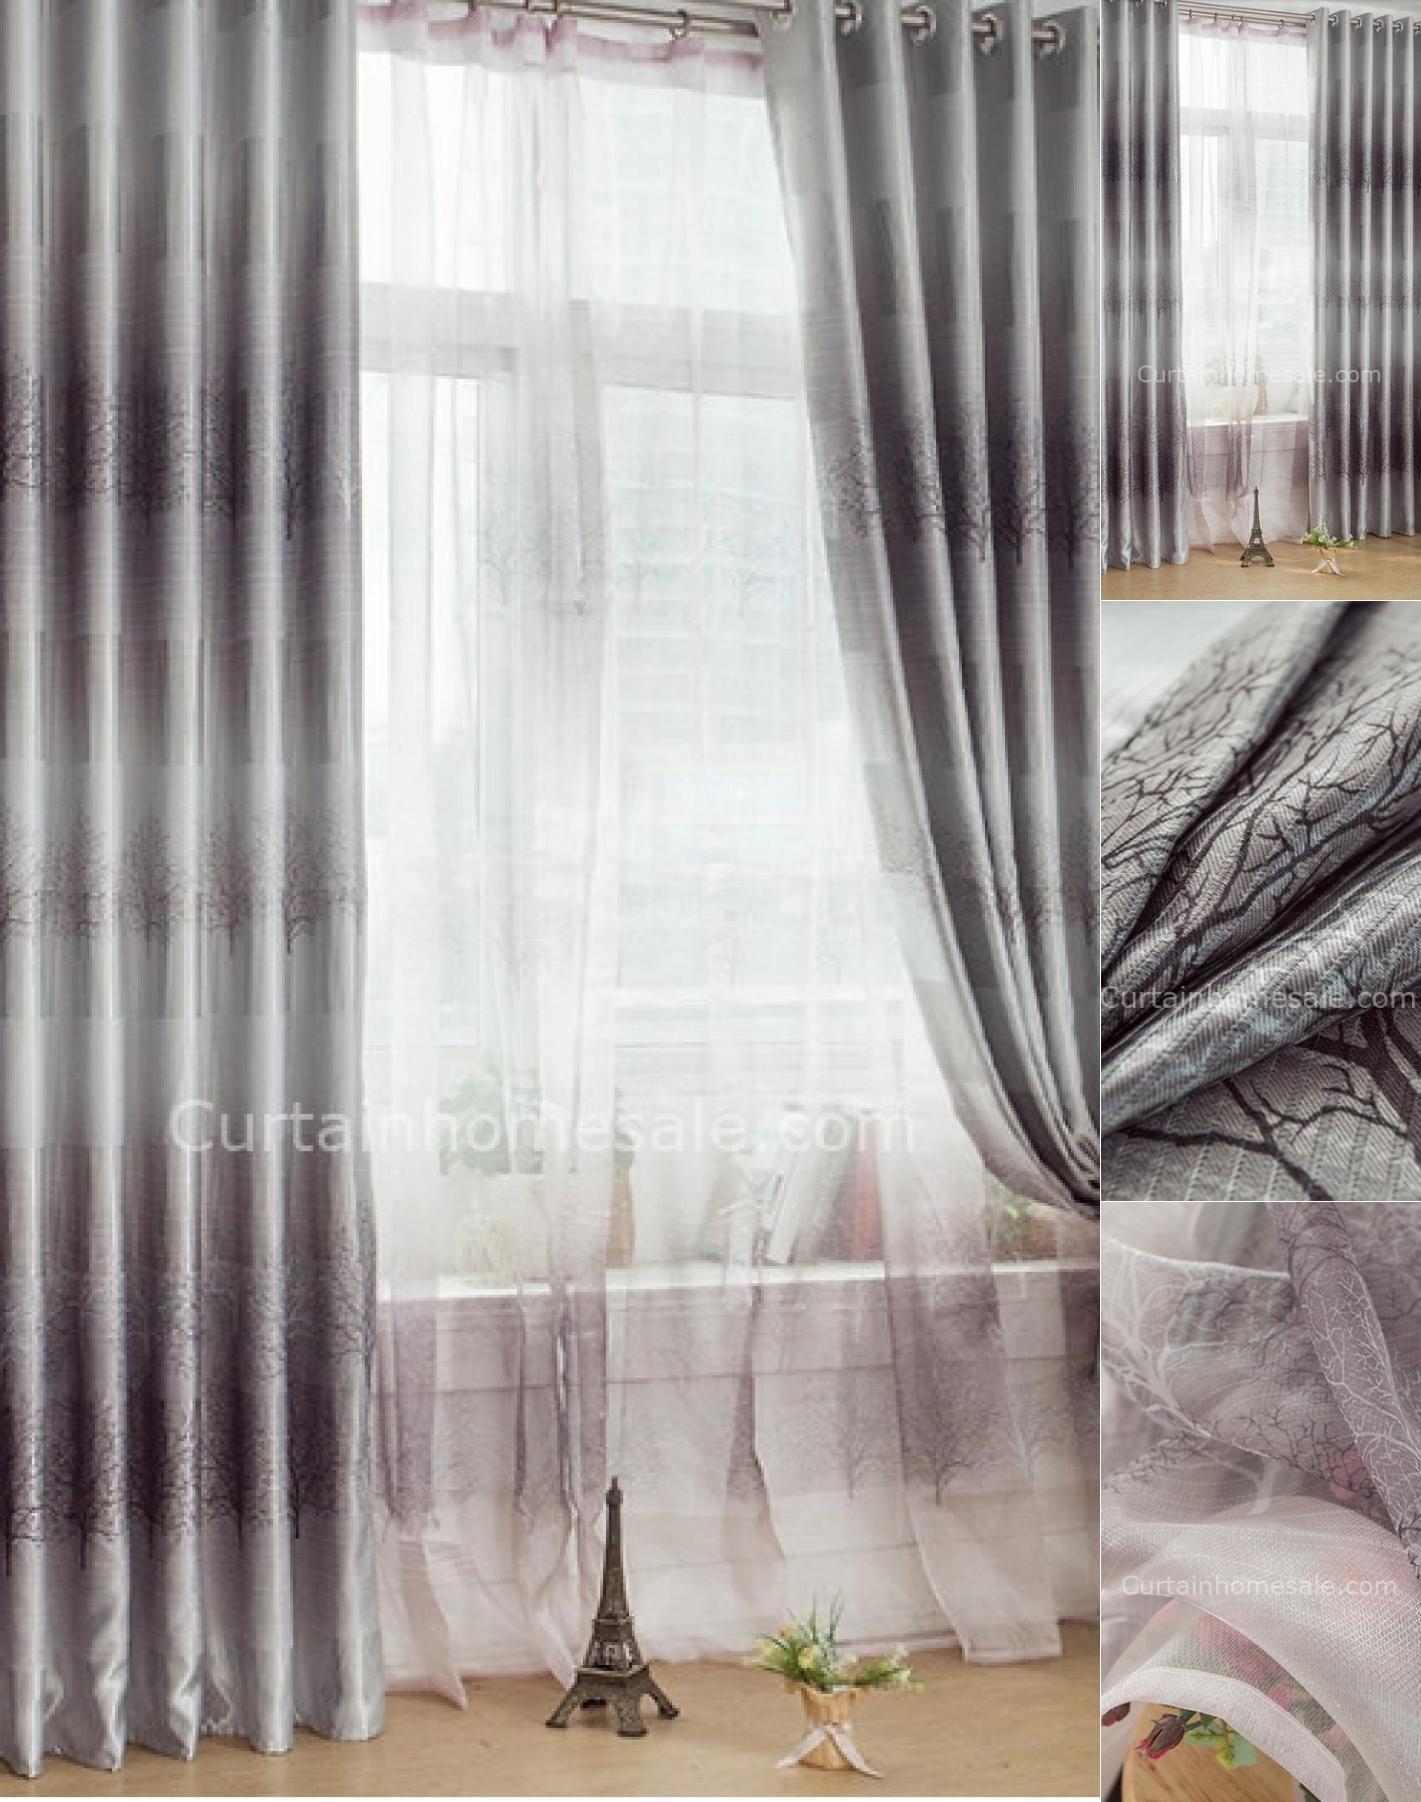 Country Curtains Pembroke Ma Di 2020 Hidup Hidup Sehat